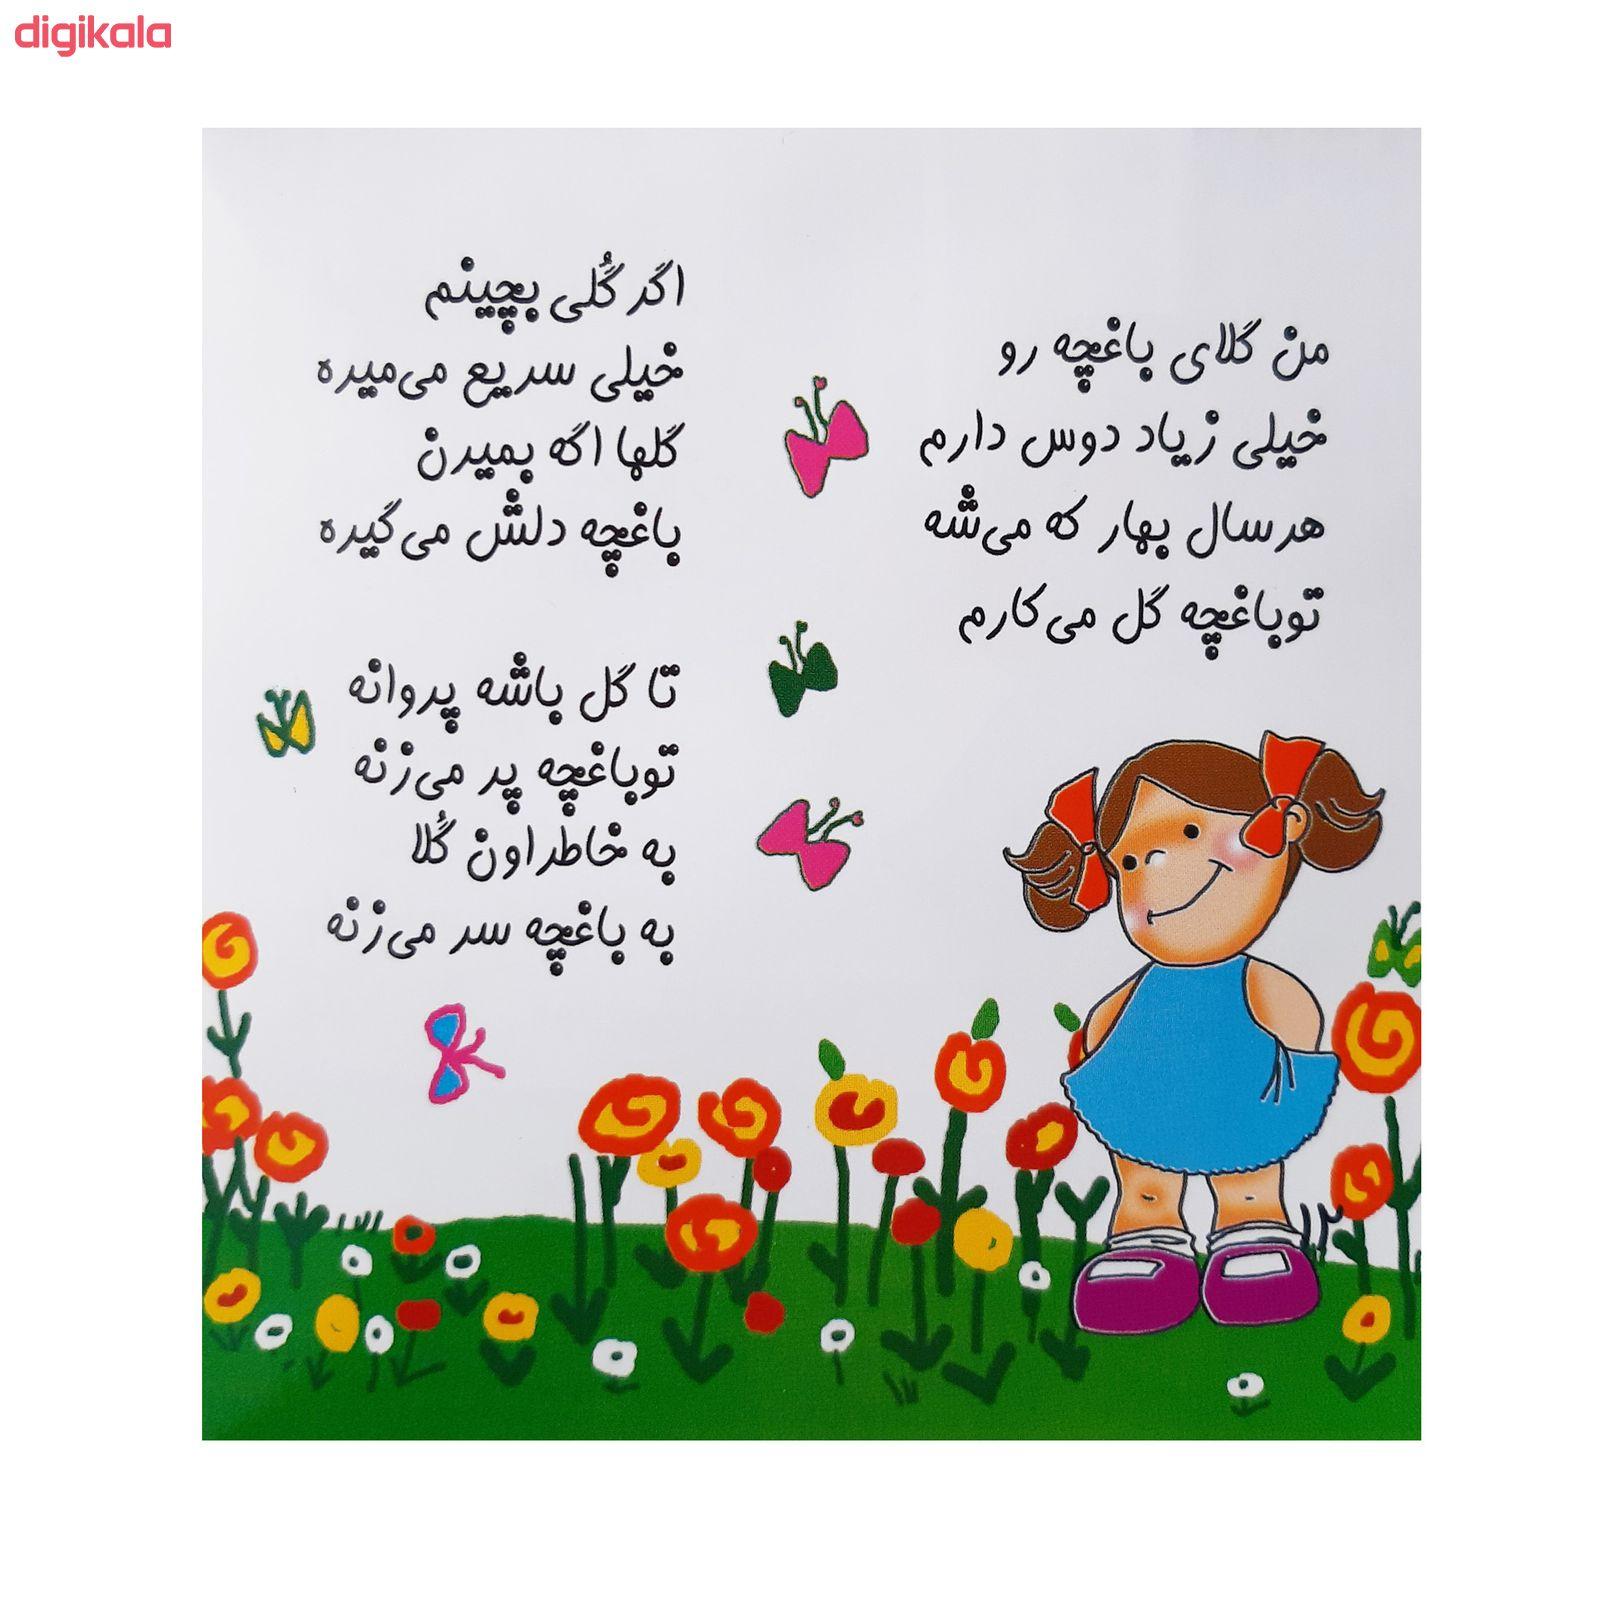 کتاب کوچولوها اثر وجیهه عبدیزدان انتشارات فرهنگ مردم 8 جلدی main 1 17